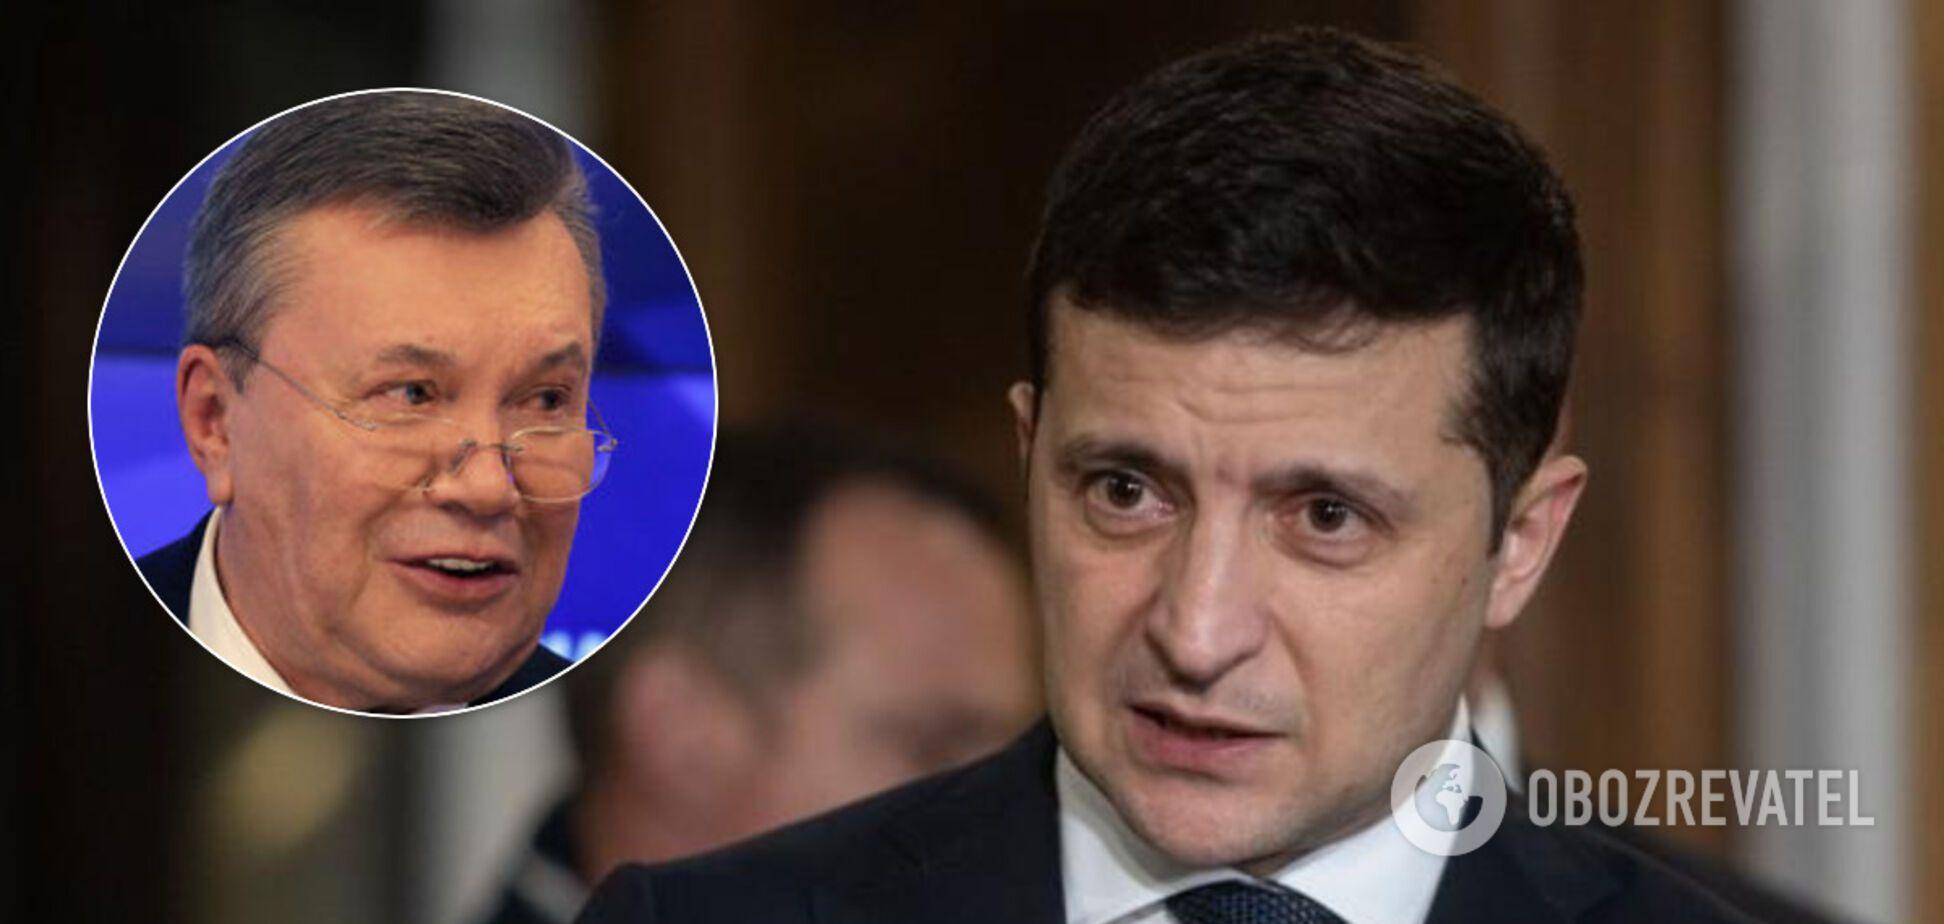 Як Янукович із Пшонкою: Трепак назвав велику помилку Зеленського